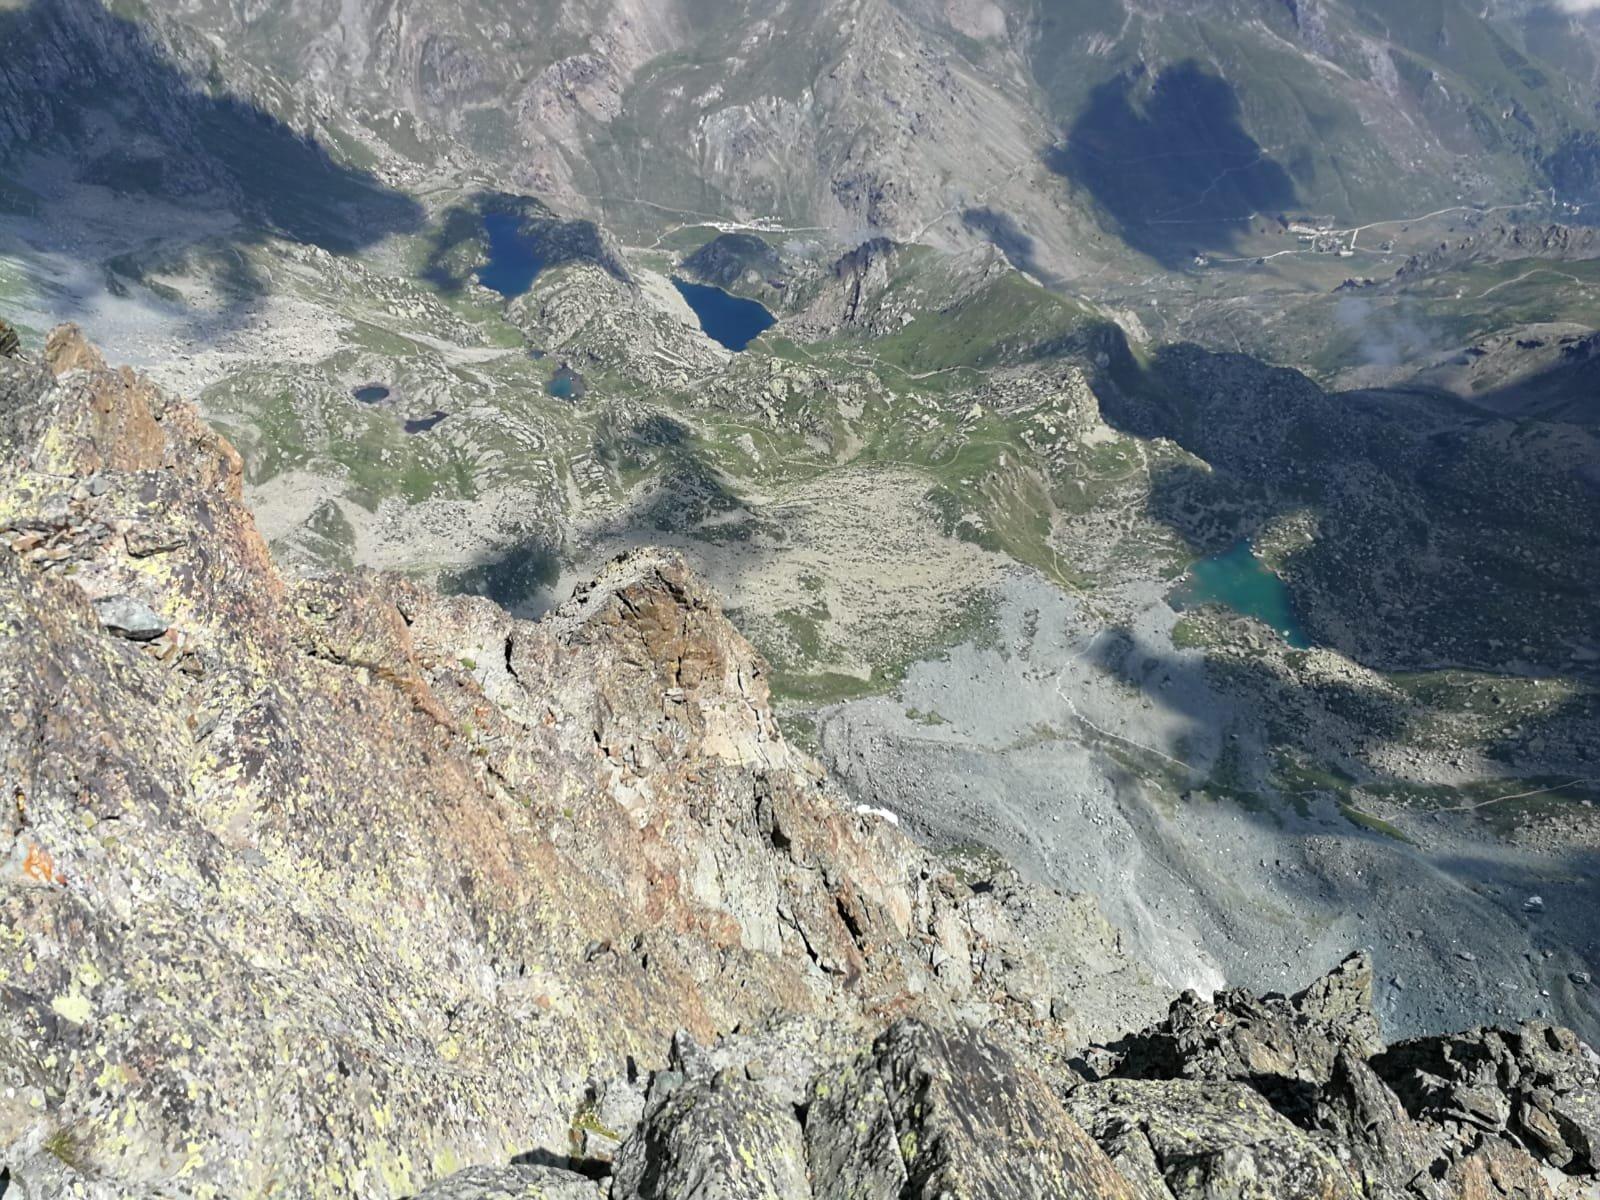 La vista dall'alto Pian del re e i laghi chiaretto e fiorenza